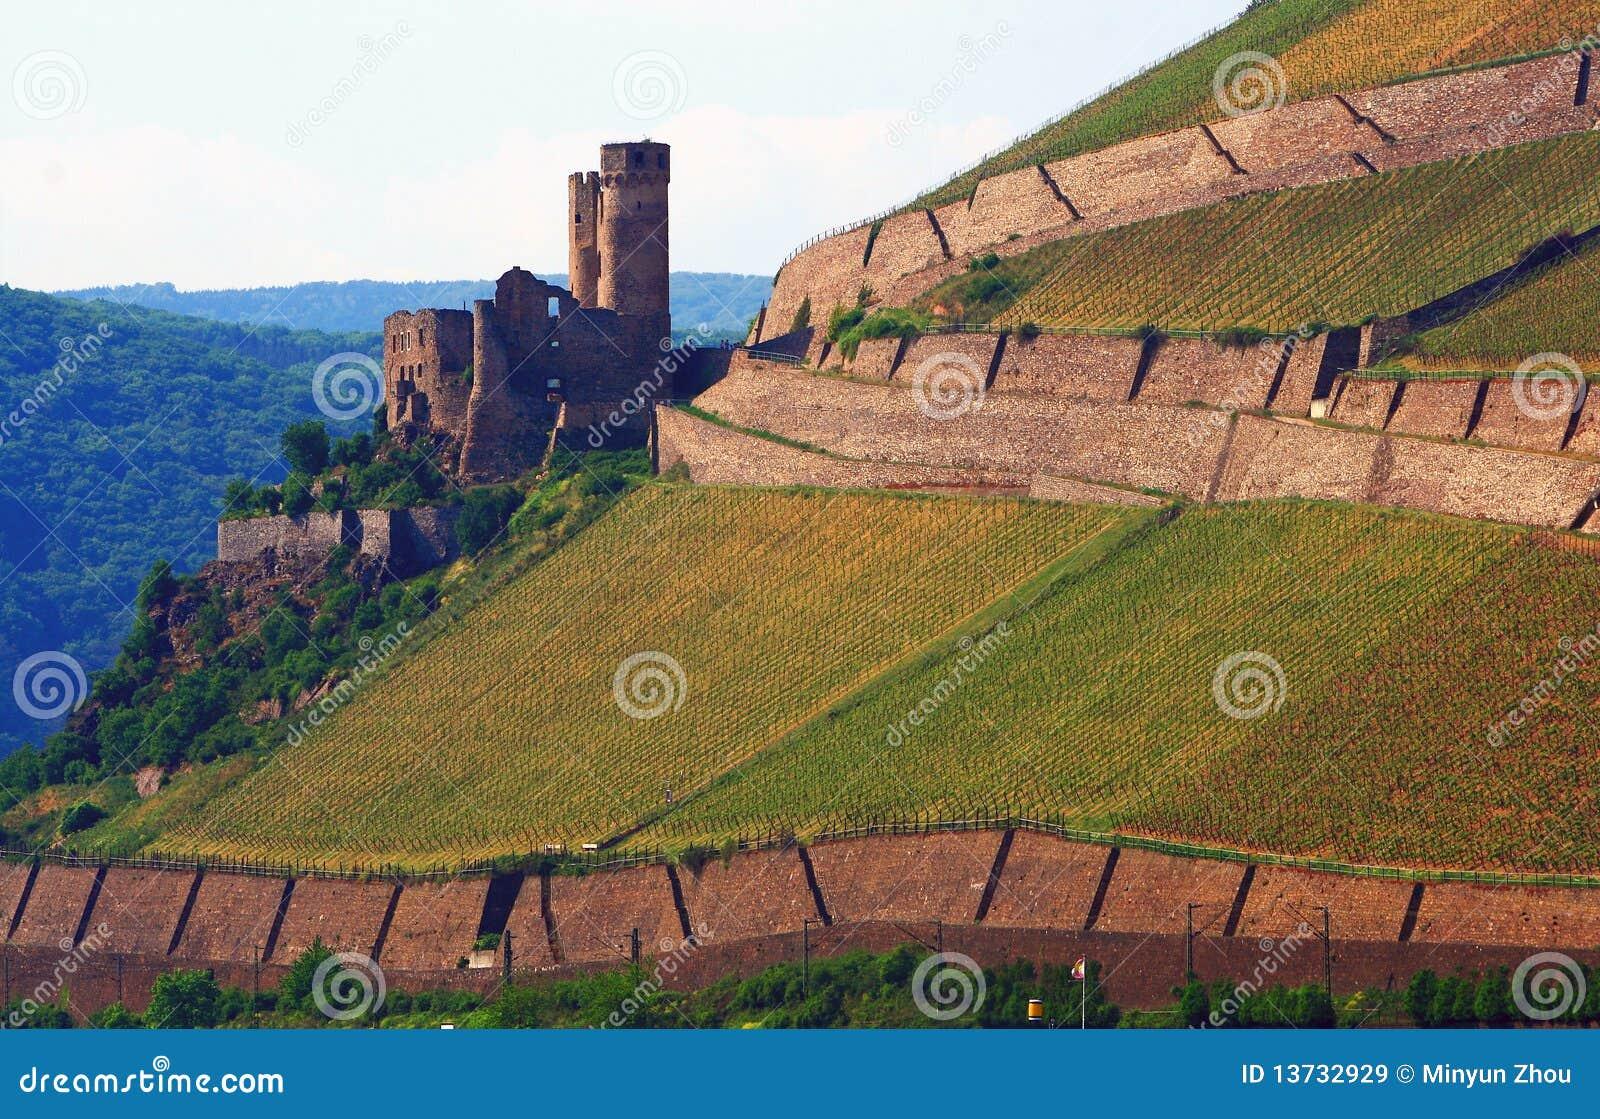 Old Castle On Vineyard